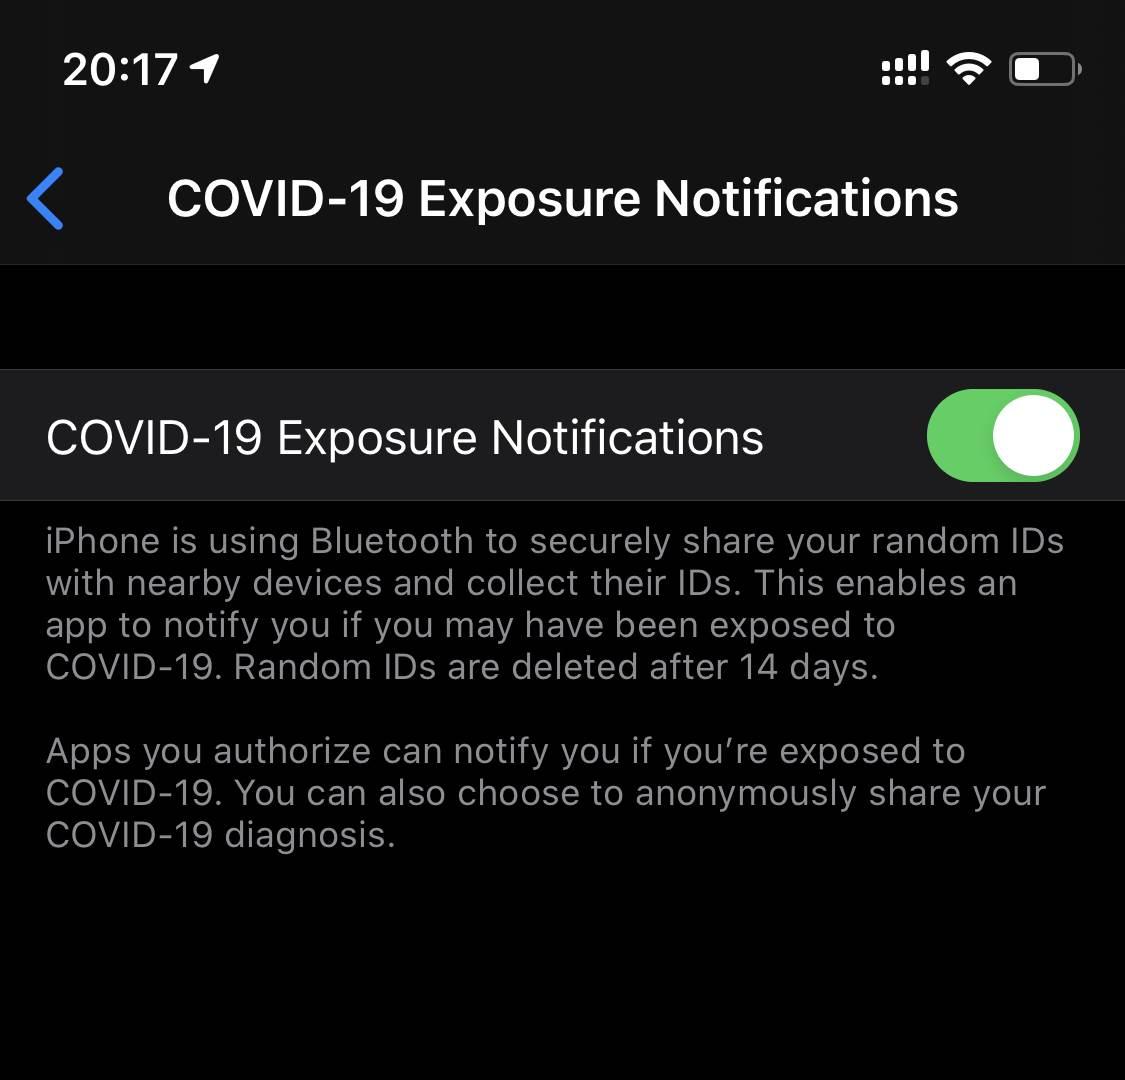 iOS 13.5 beta 3 dostępna polecane, ciekawostki zmiany, Update, lista zmian, iOS 13.5 beta 3, co nowego, Apple, Aktualizacja  Od czasu udostępnienia drugiej bety iOS 13.4.5 minęły dokładnie dwa tygodnie, więc zgodnie z tradycją dziś powinna pojawić się nowa beta iOS. Tak się stało, ale z jedną dość istotną zmianą. IMG 565A16DDC624 1